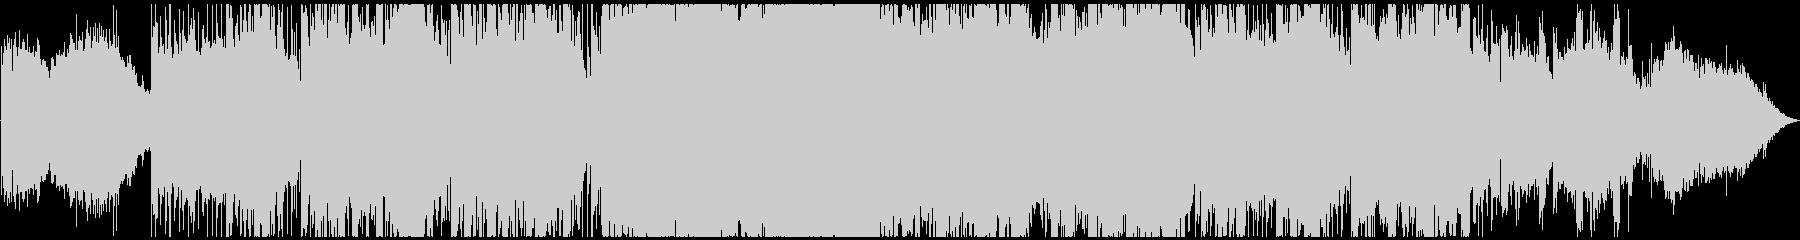 リゾートCMプロフィール動画にの未再生の波形